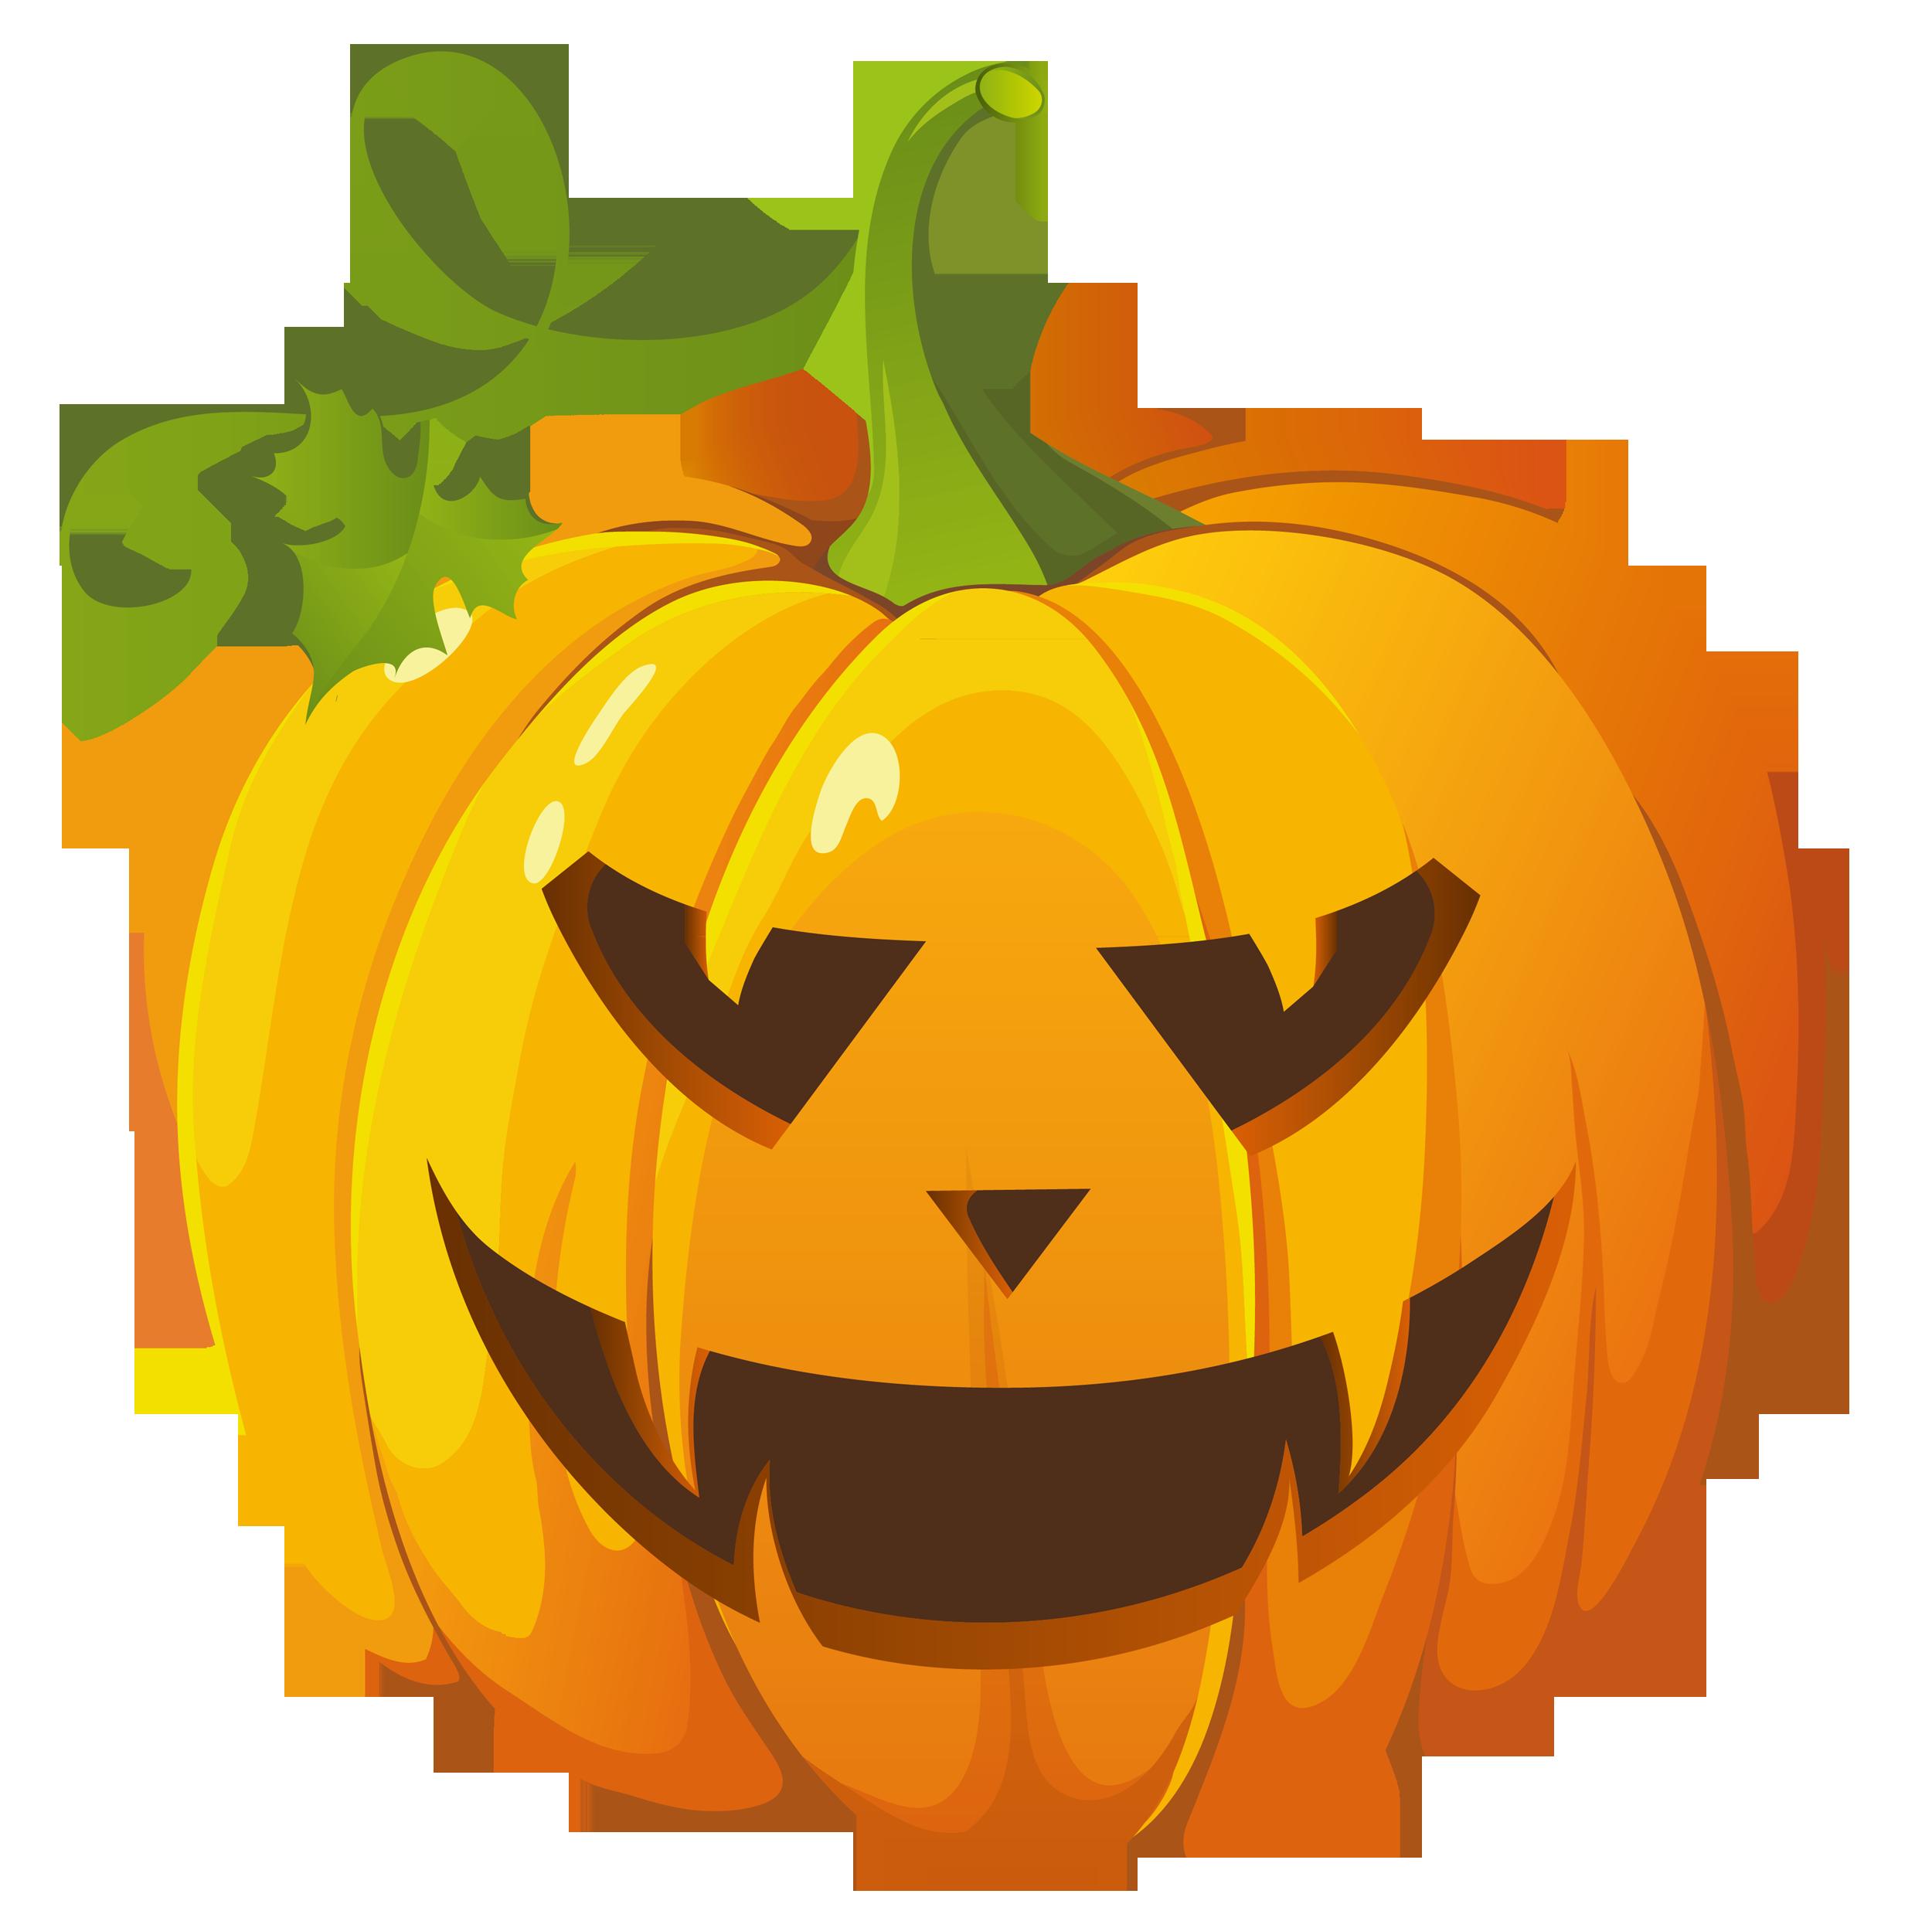 Cute Pumpkin Patch Clipart Large Transpa-Cute Pumpkin Patch Clipart Large Transparent Halloween Pumpkin Clipart-0